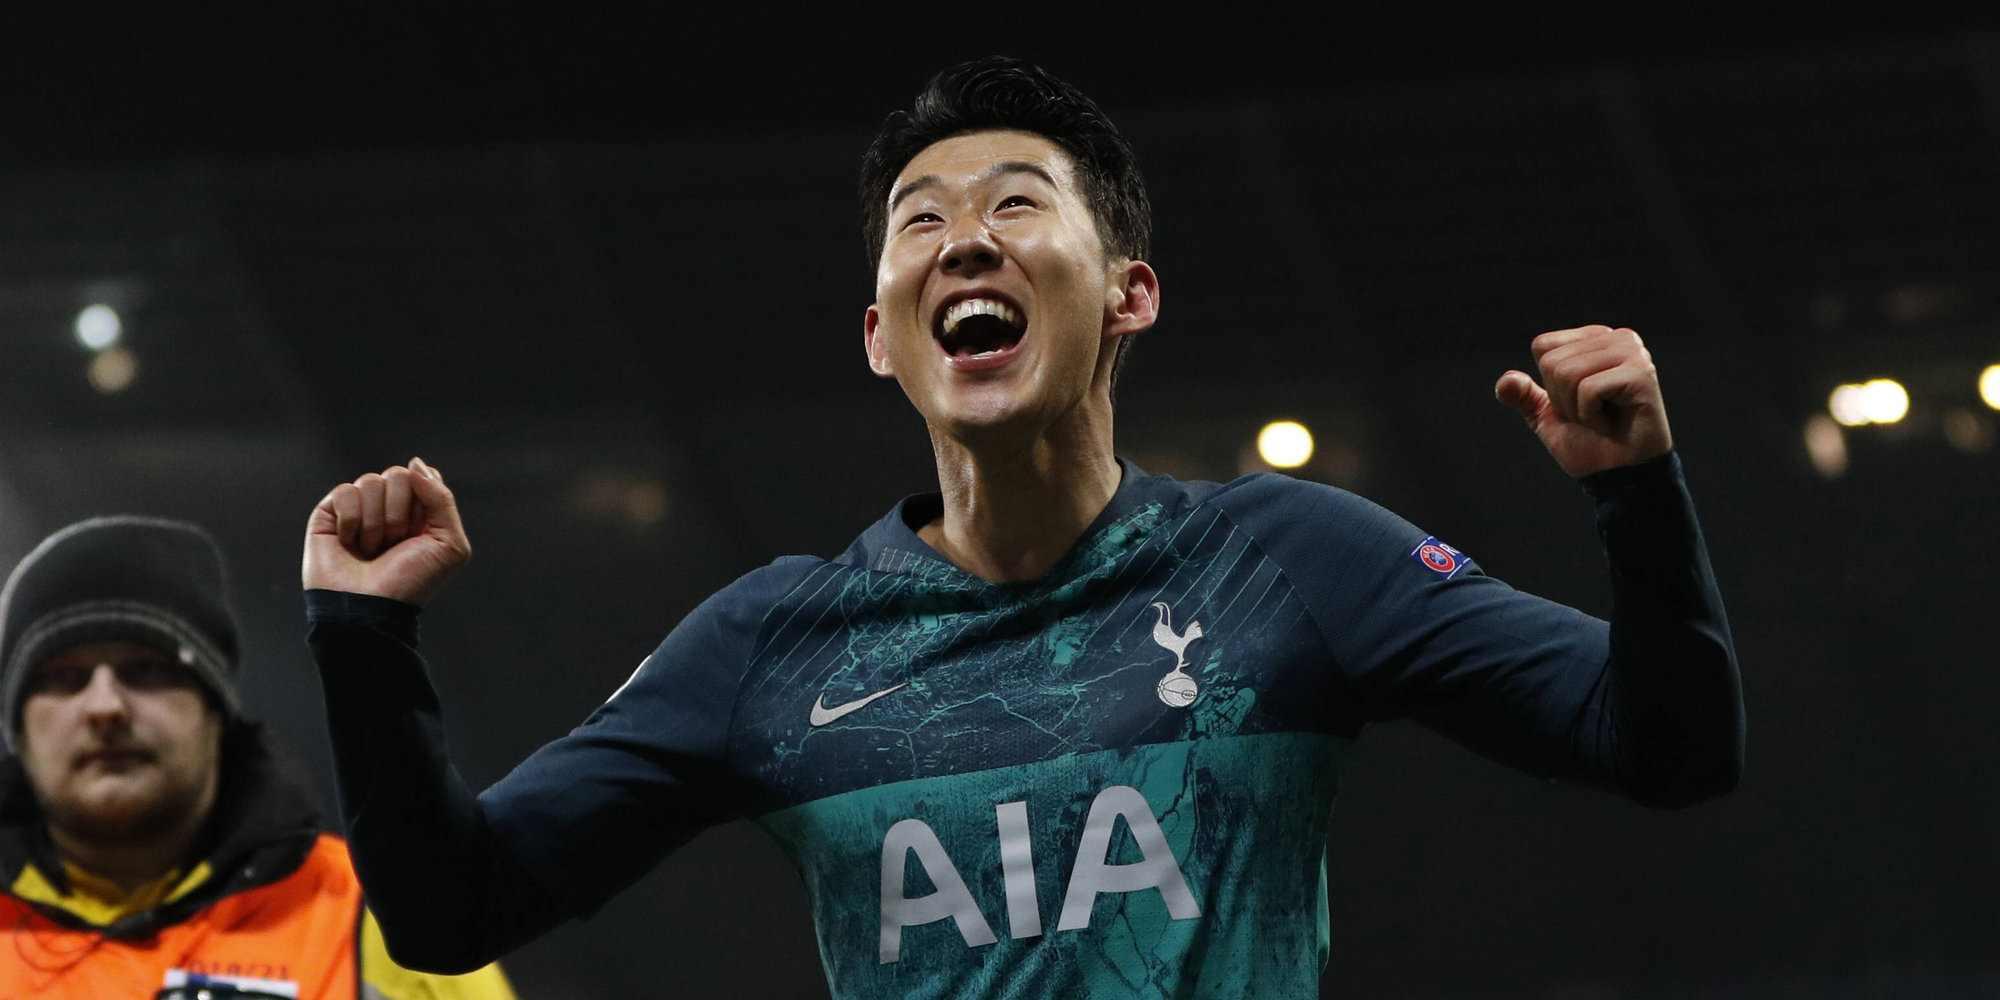 Son Hyn Min Vysokoklassnyj futbolist ne zavoevavshij ni odnogo trofeya